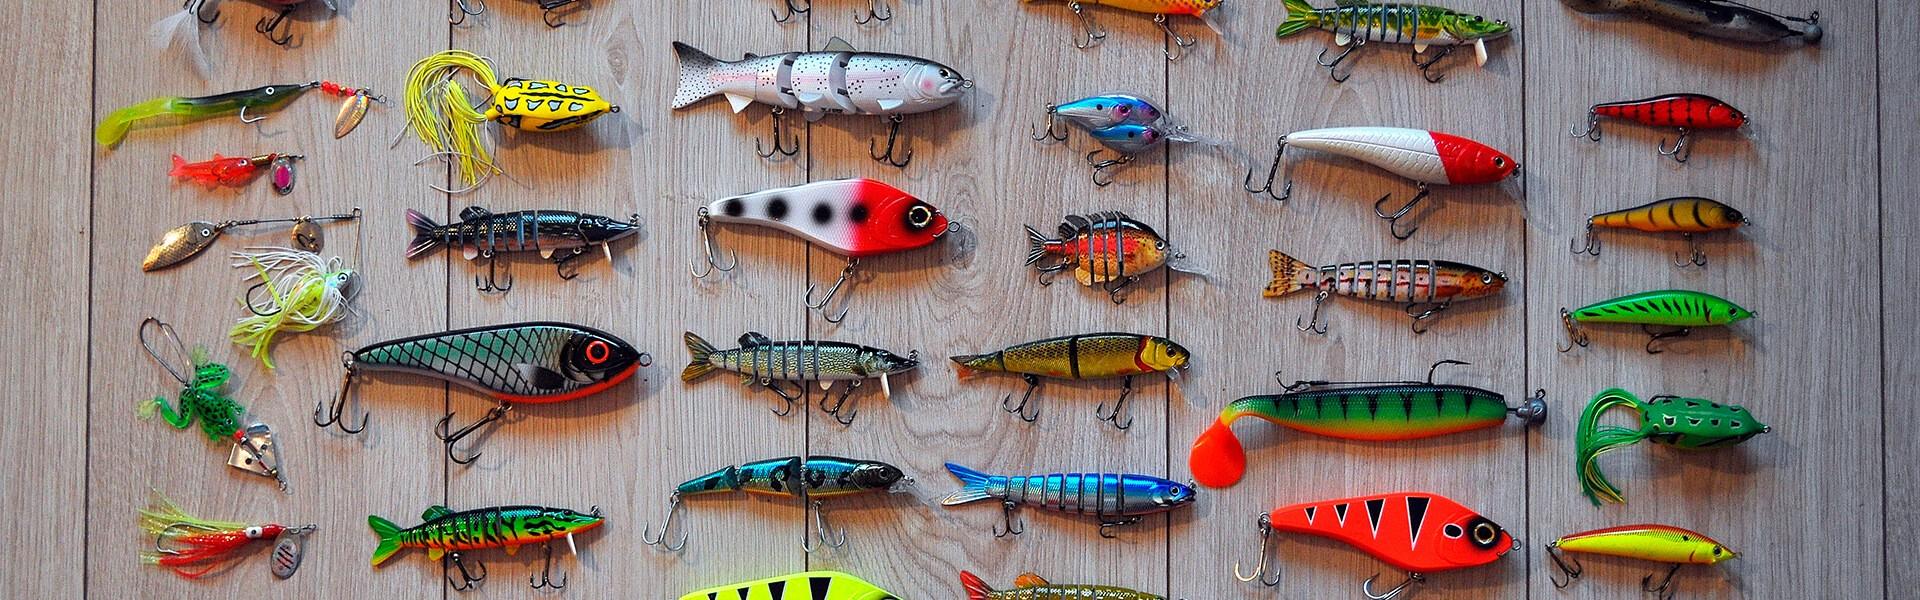 Sua loja de pesca na Fish TV - vagas limitadas!